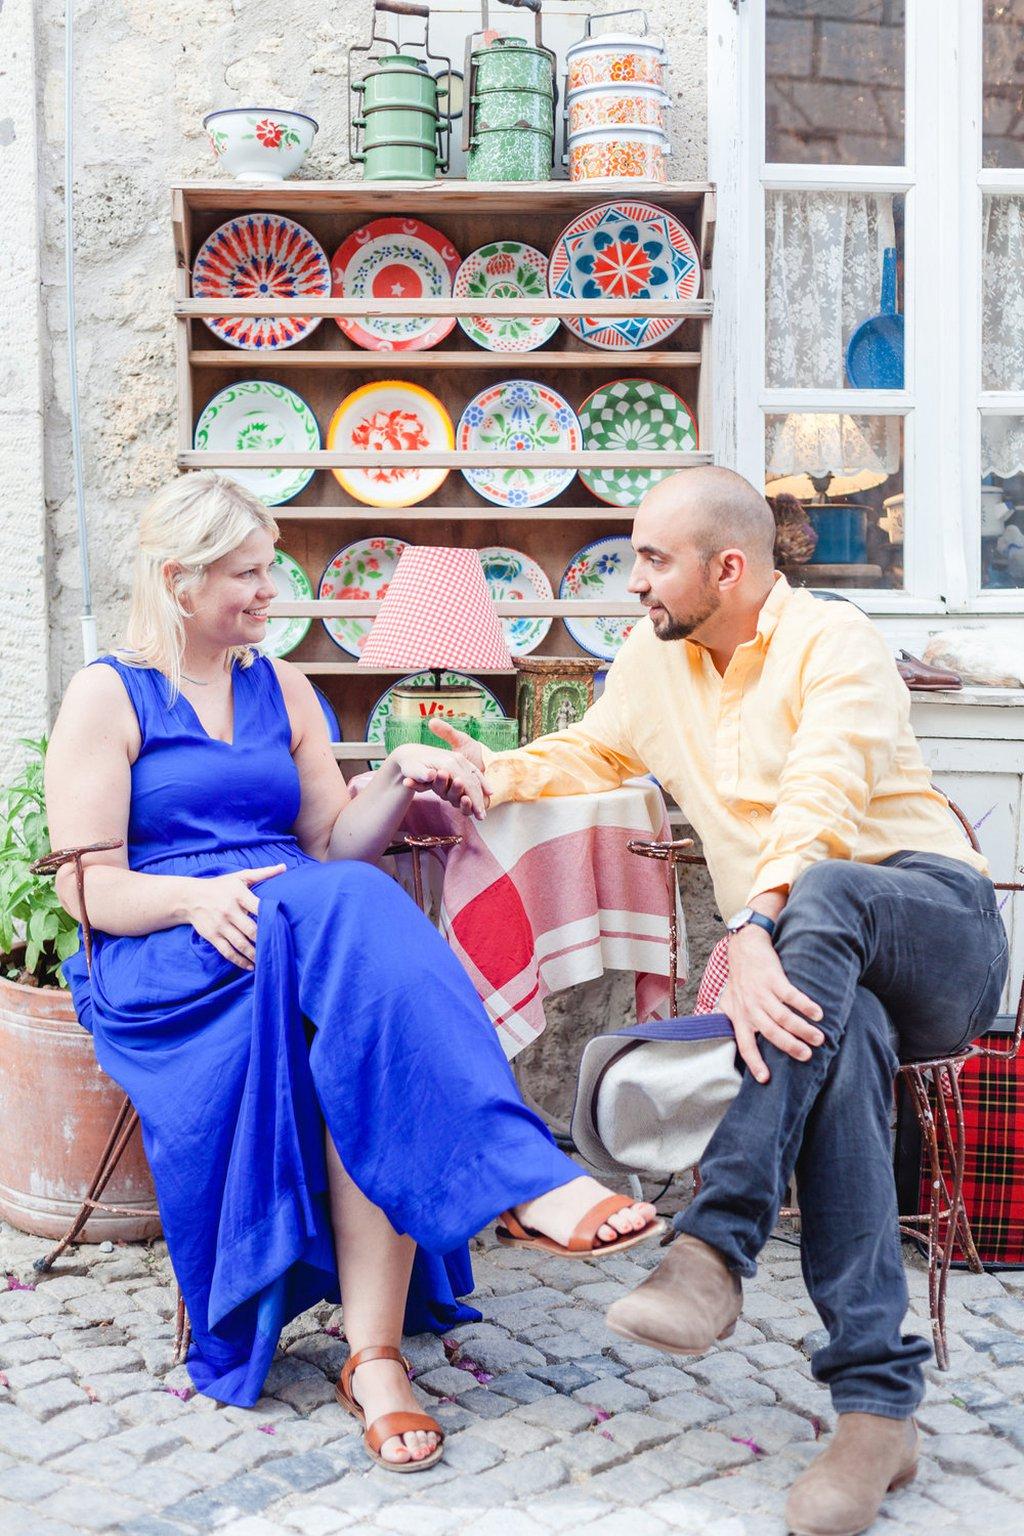 Murat S's Portfolio - Image 3